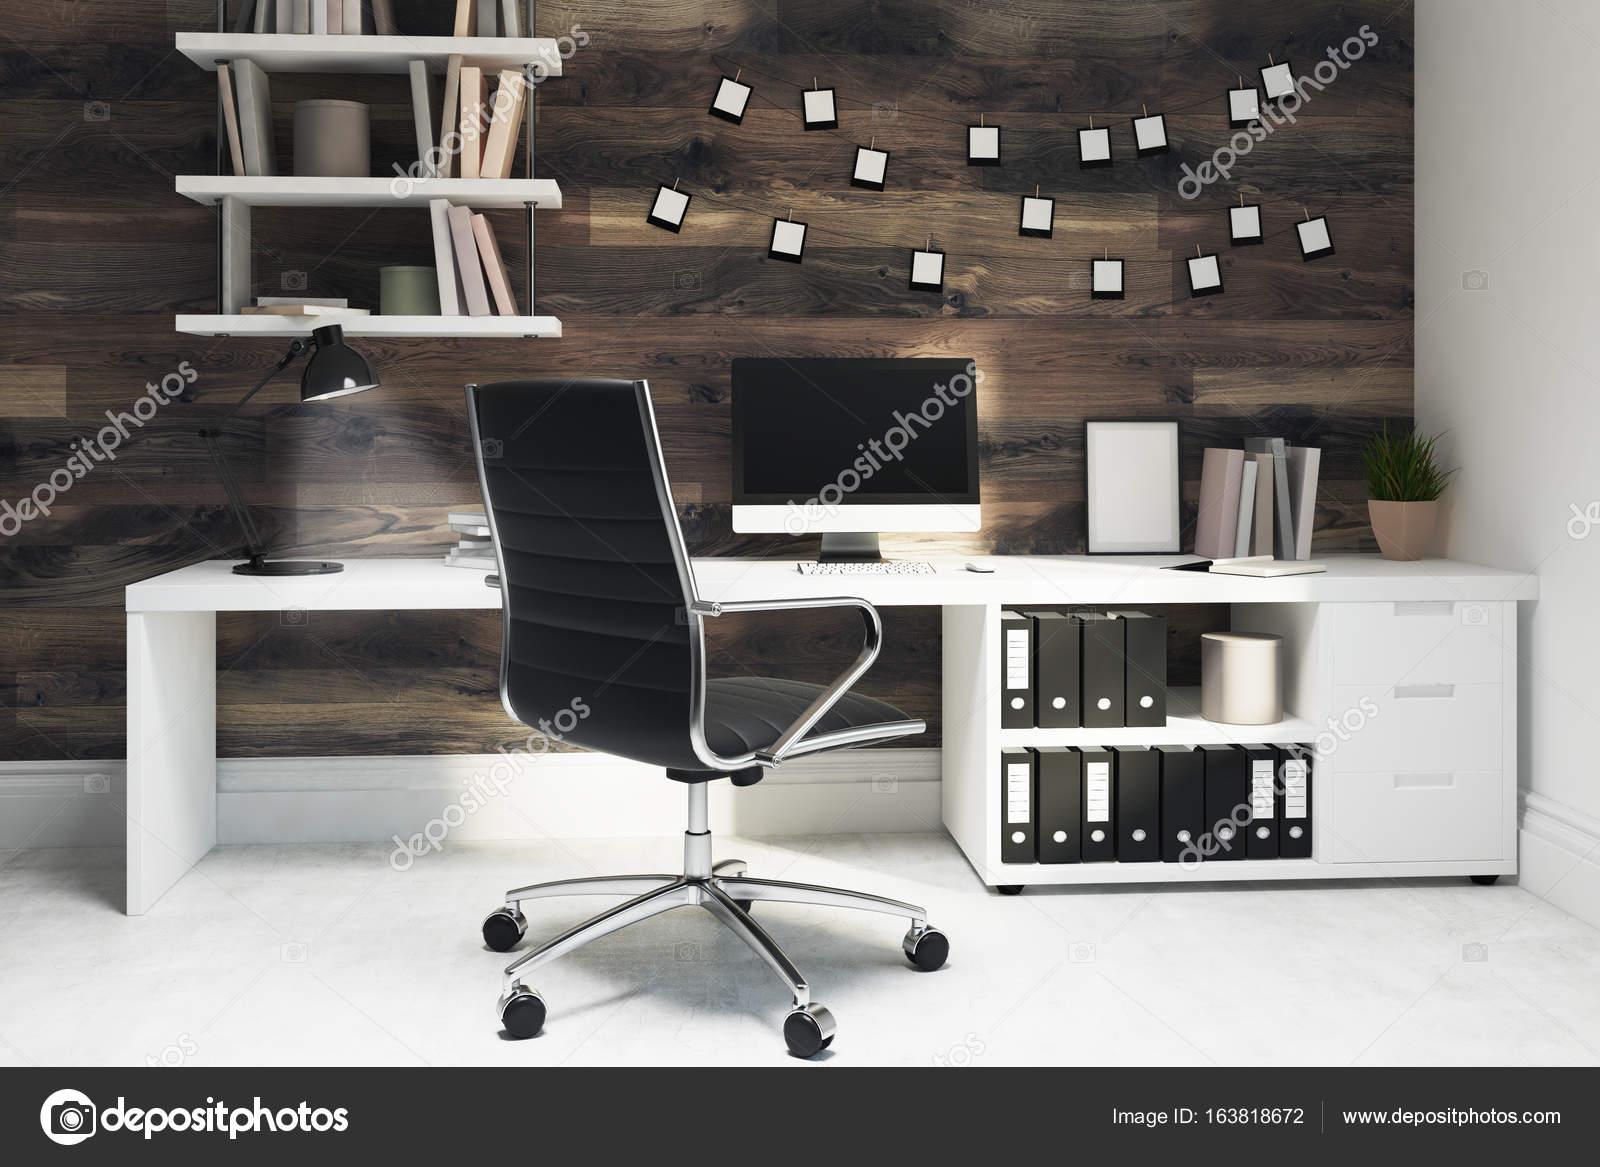 Chaise de bureau maison en bois foncé noir u photographie